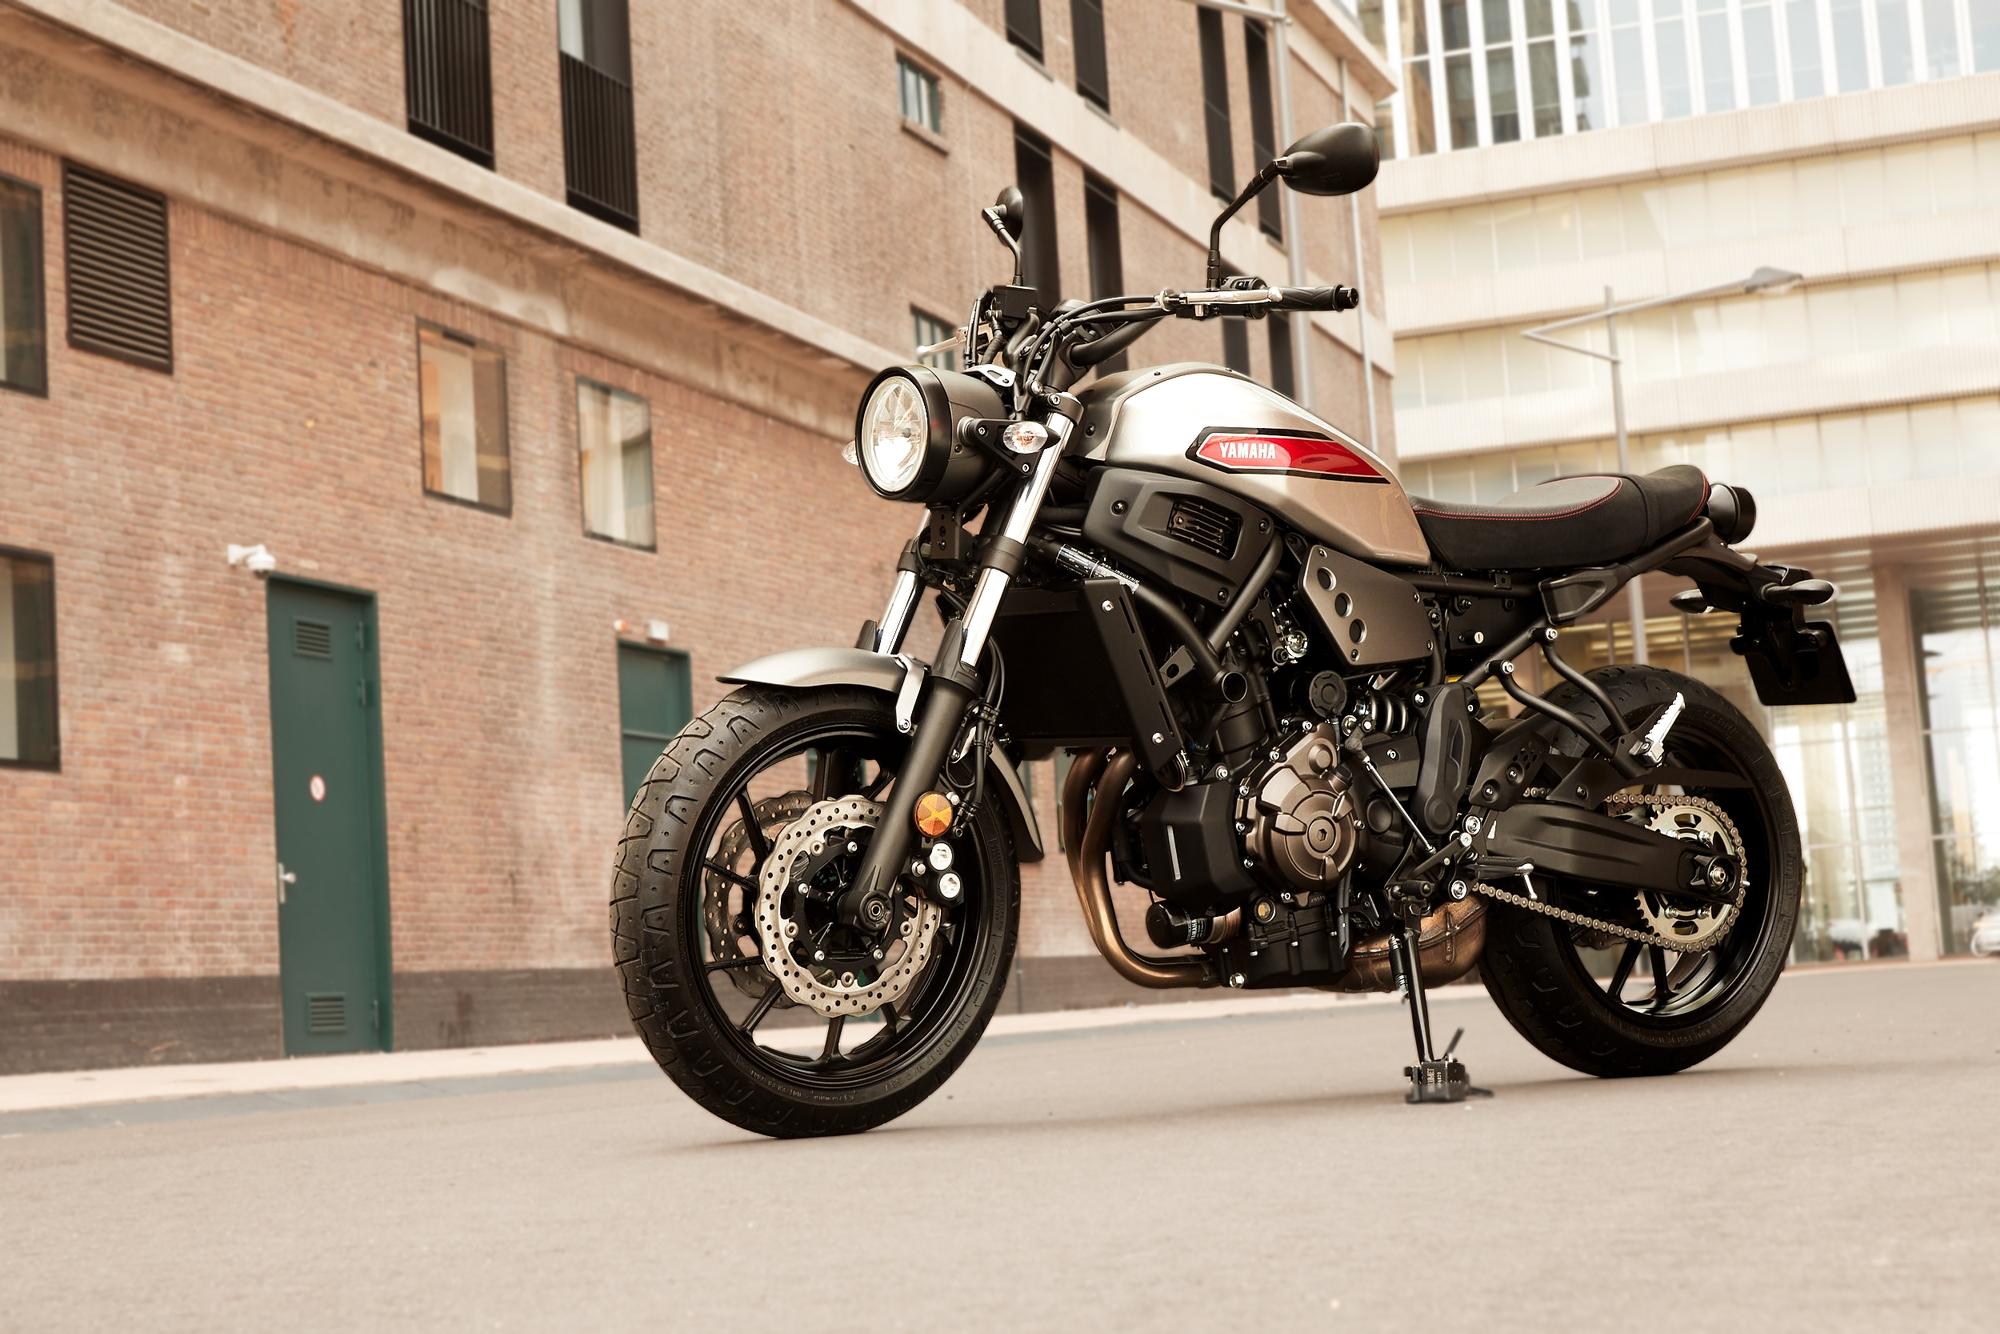 Vermietung - Motorrad Weihe, Ihr größter BMW- und YAMAHA